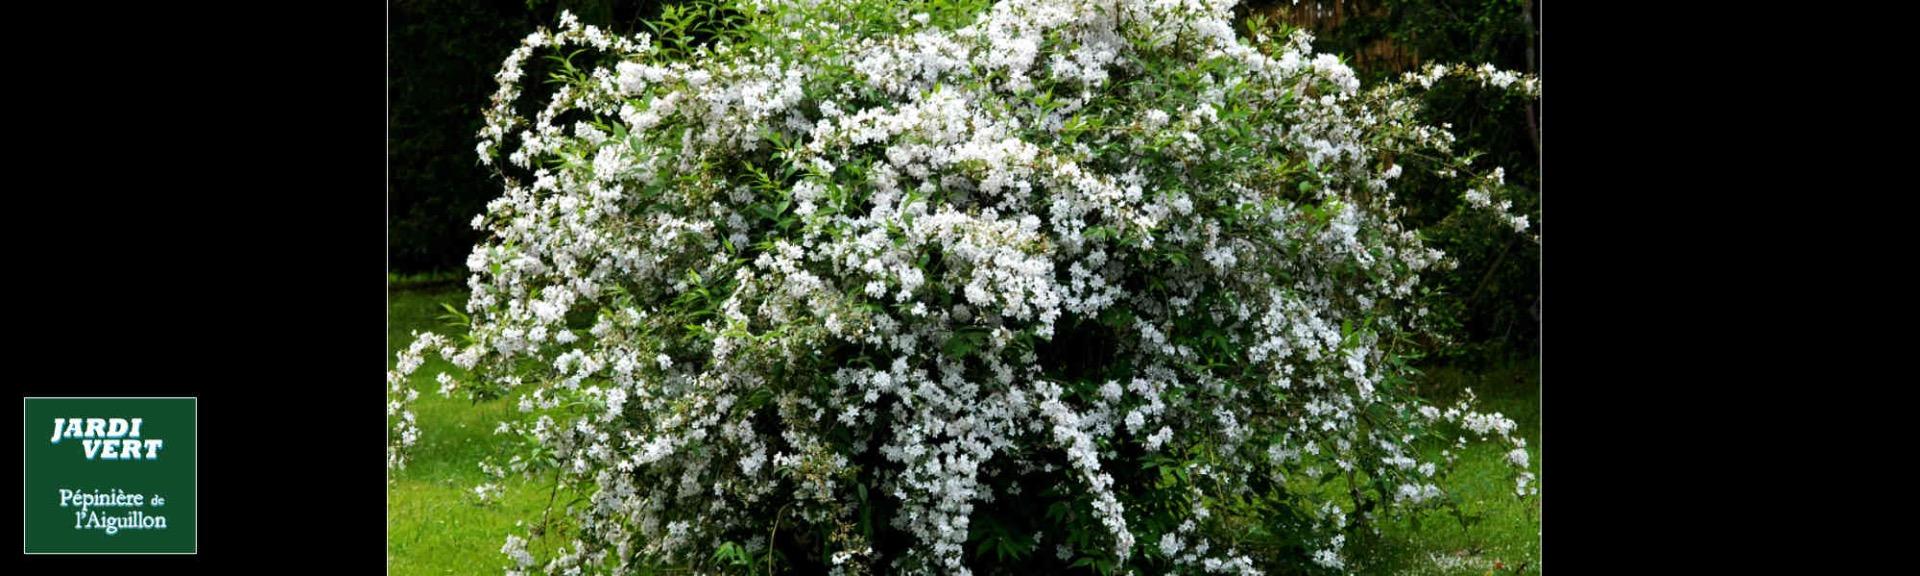 Deutzia japonica - Pépinière de l'Aiguillon Jardi Vert Toulouse